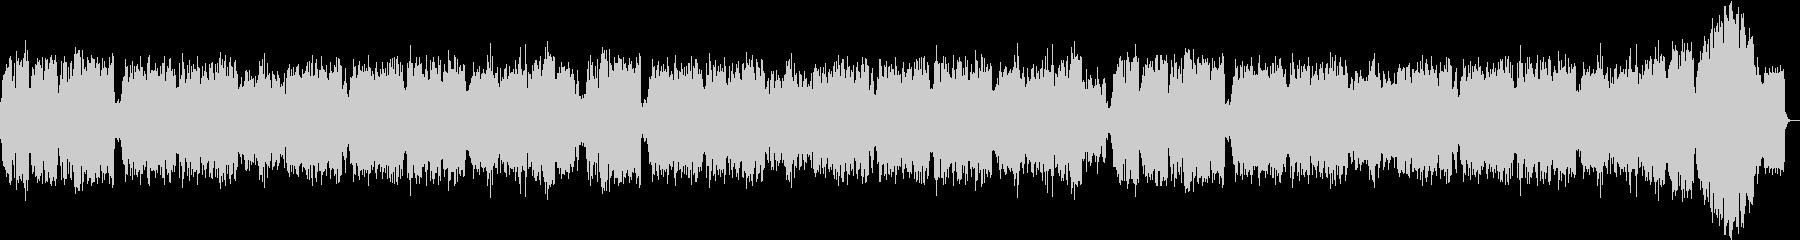 ボイスと弦楽のゆっくりしたバラードの未再生の波形